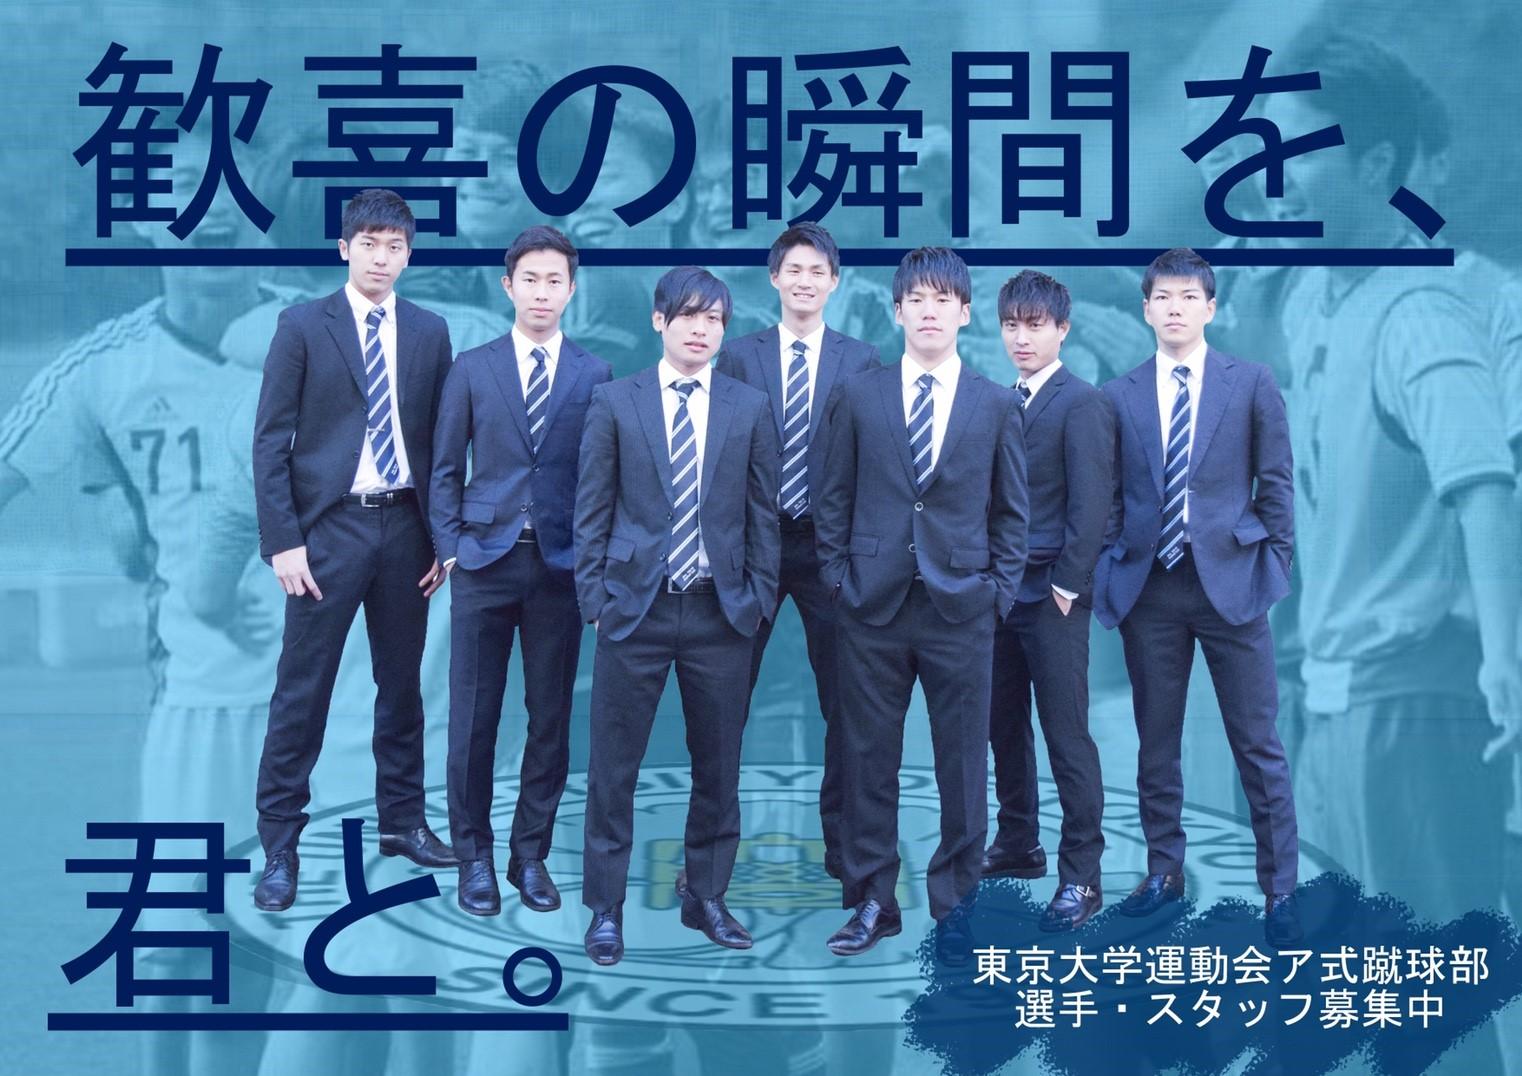 東京大学運動会ア式蹴球部 |